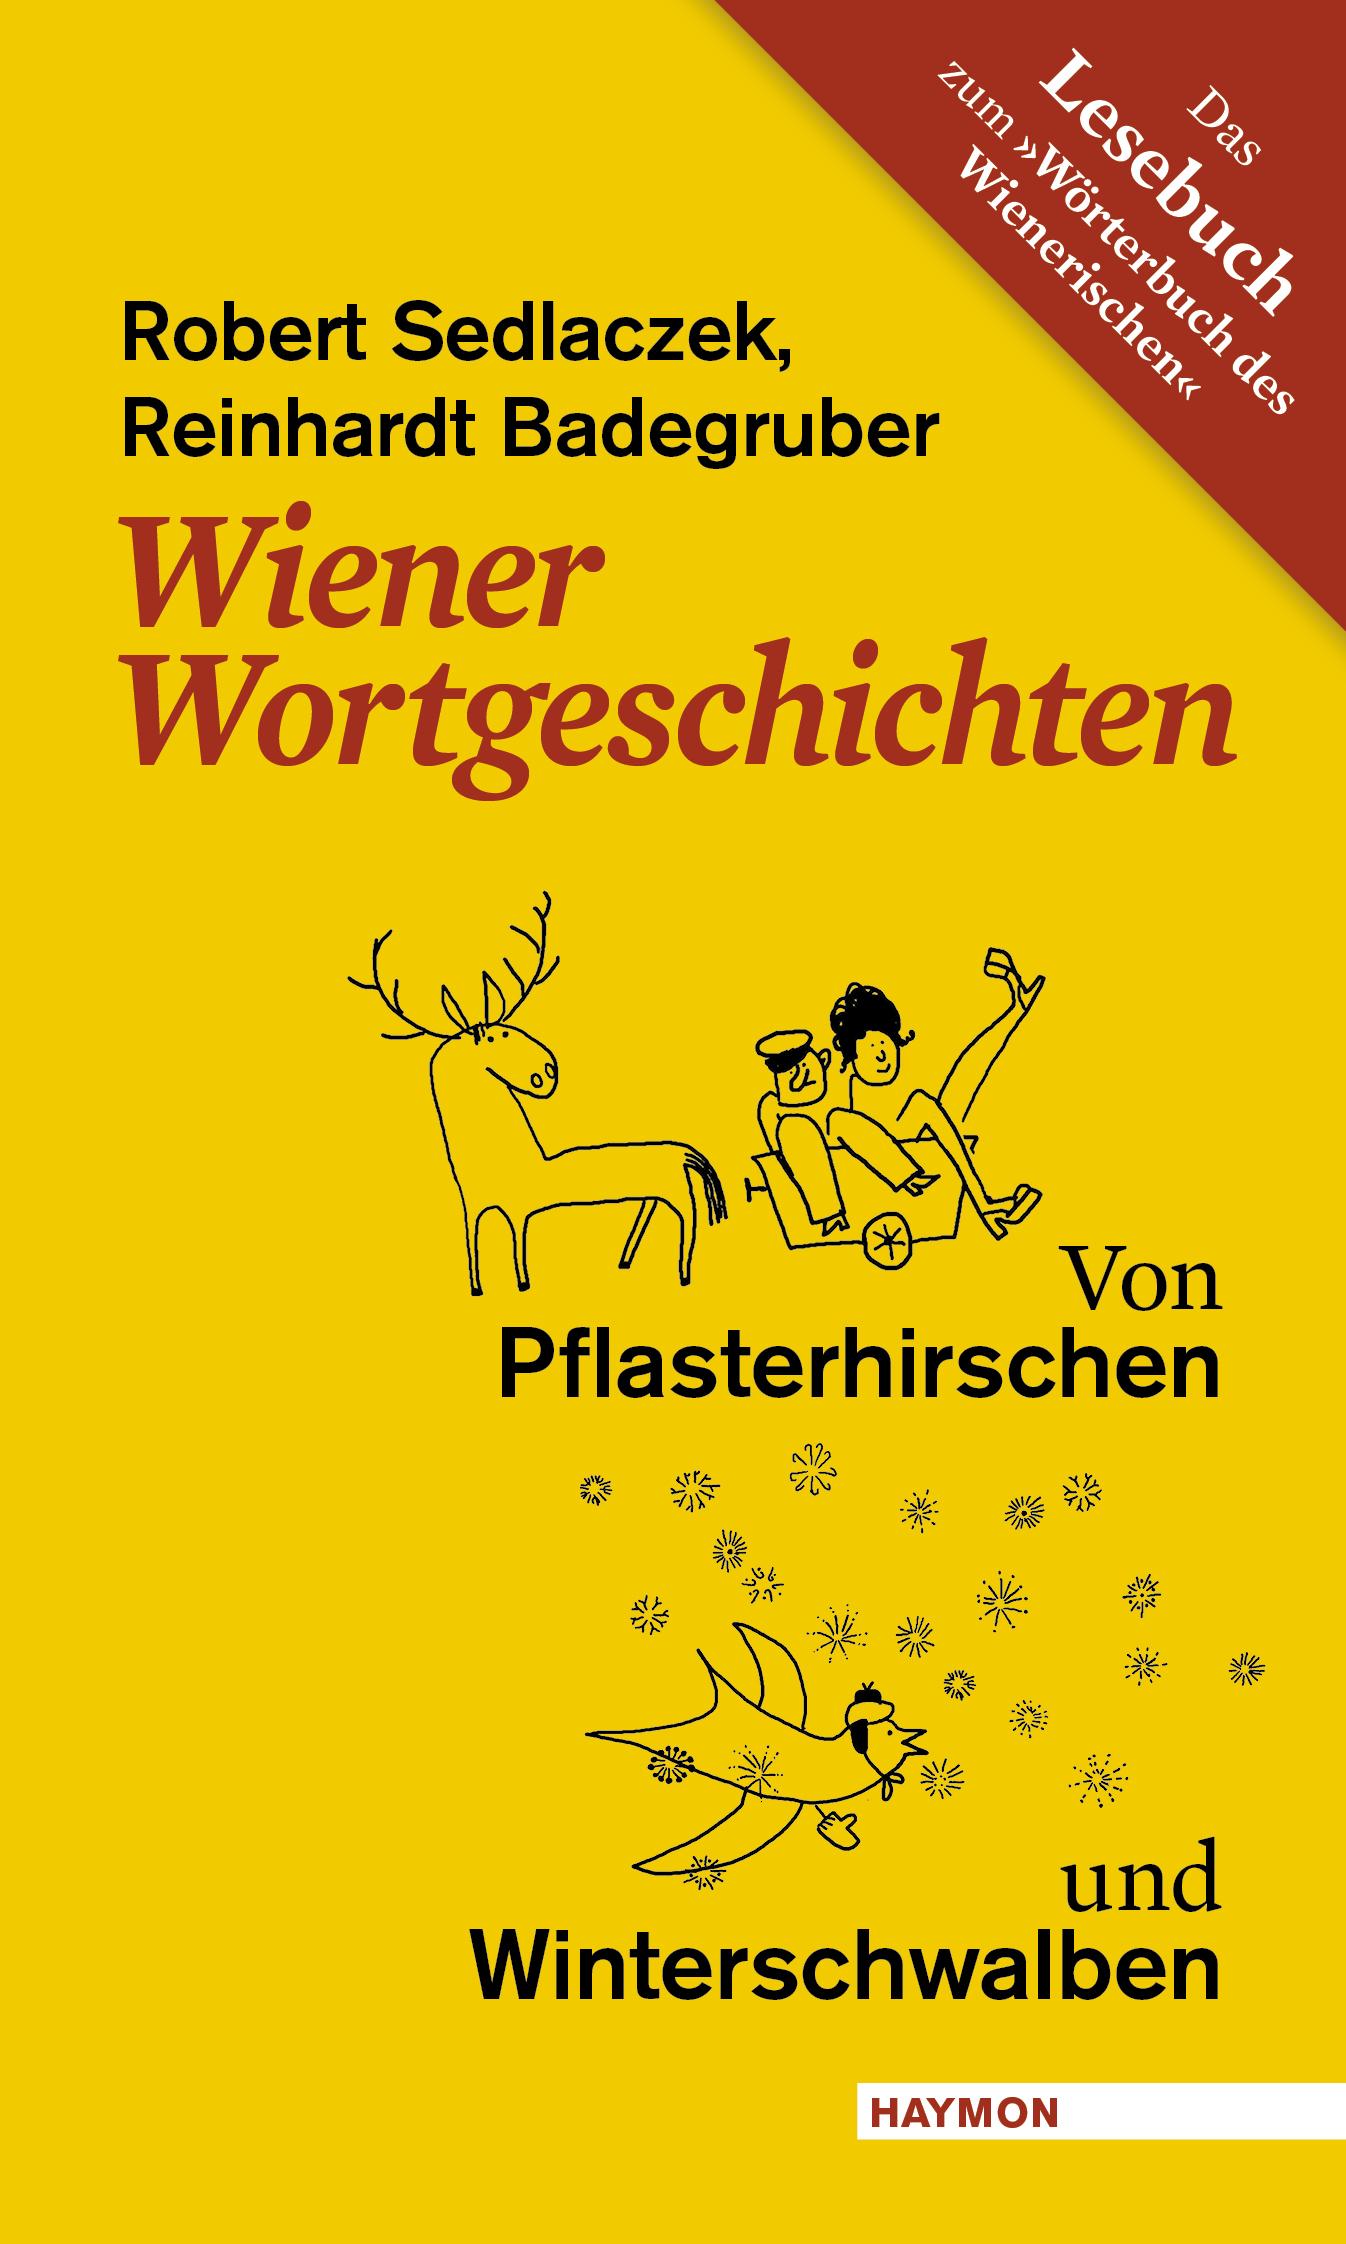 Wiener Wortgeschichten Robert Sedlaczek